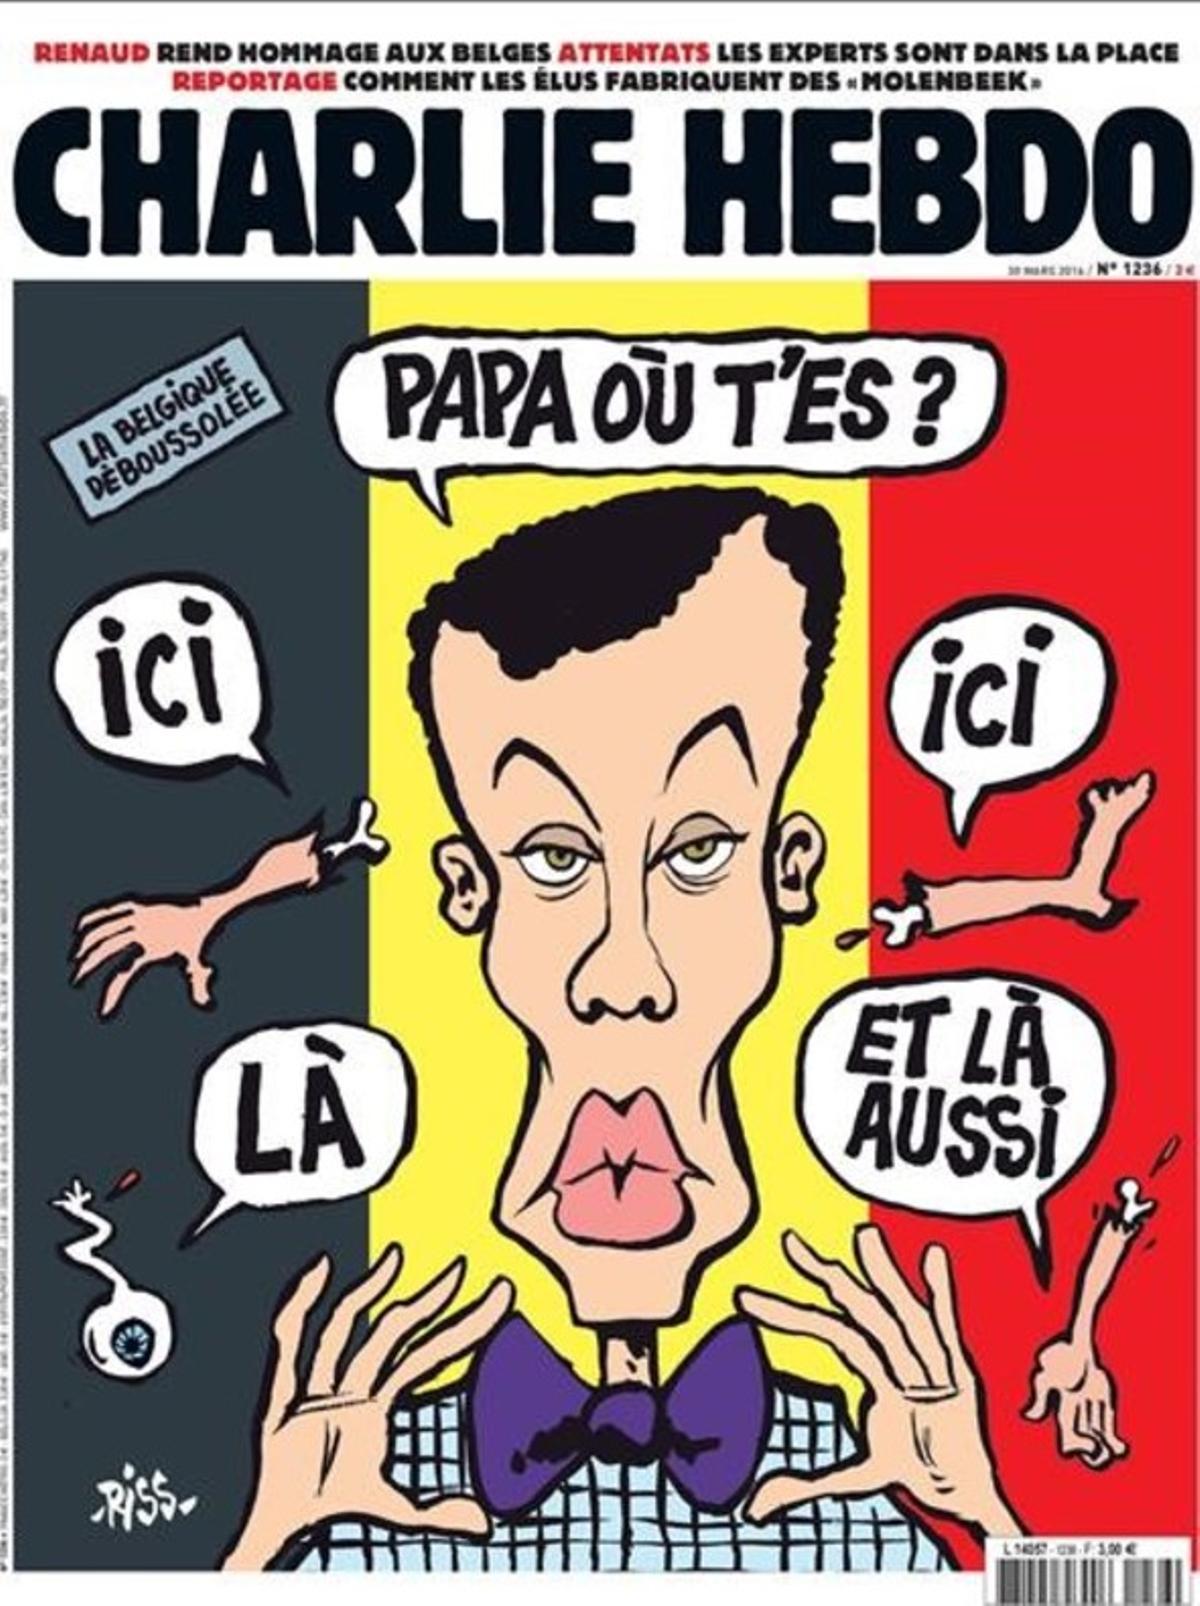 Portada de la revista satírica 'Charlie Hebdo' que ha desatado la polémica.